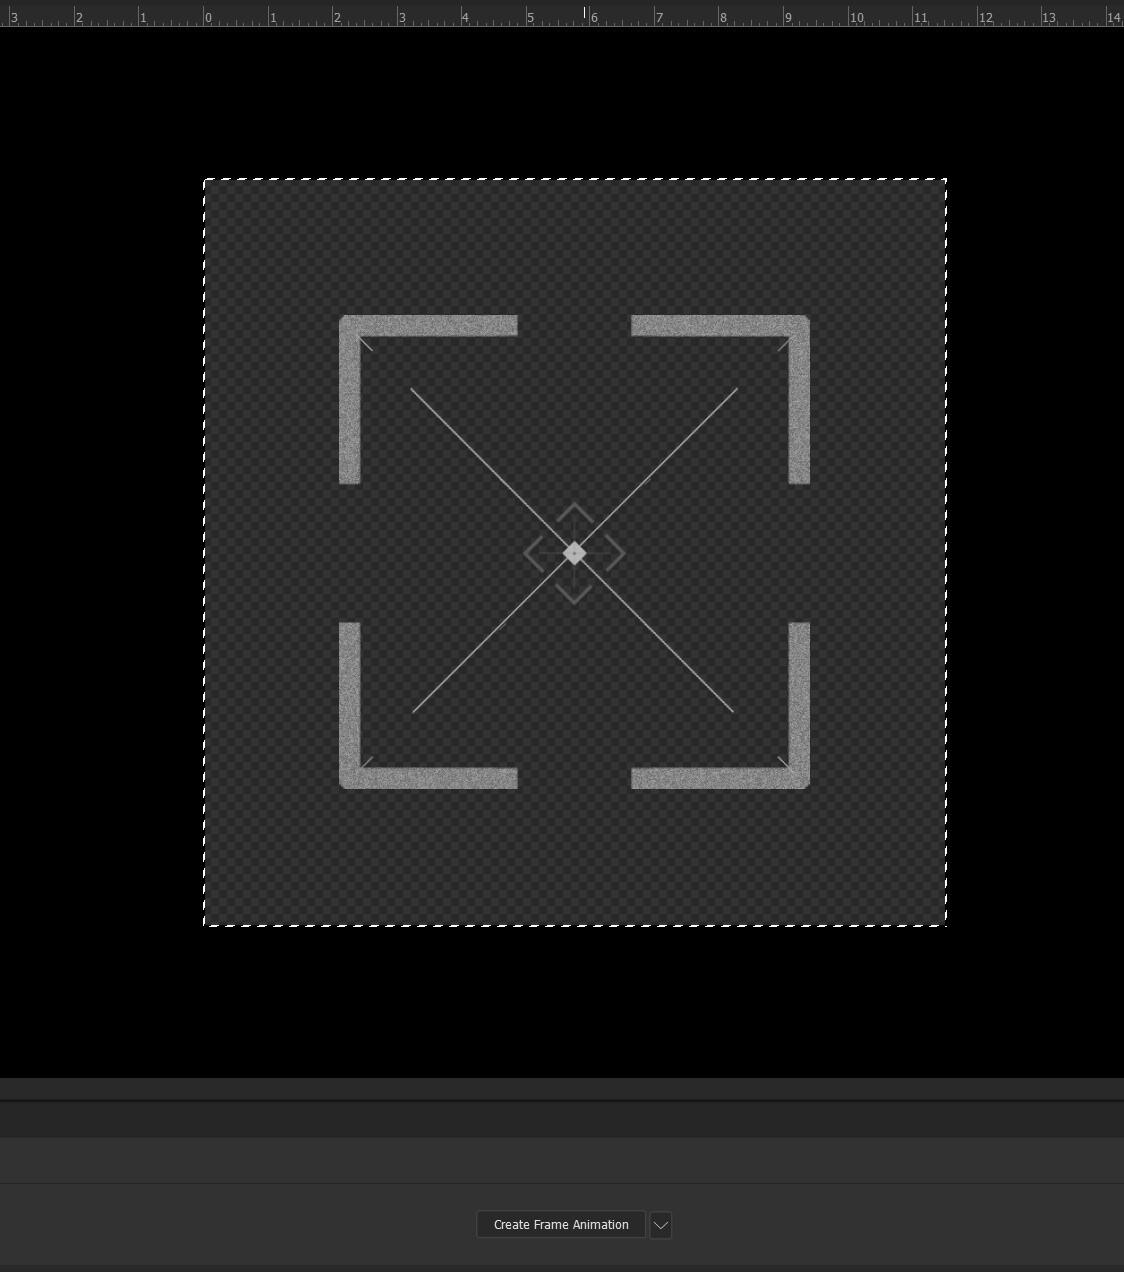 square 1x1